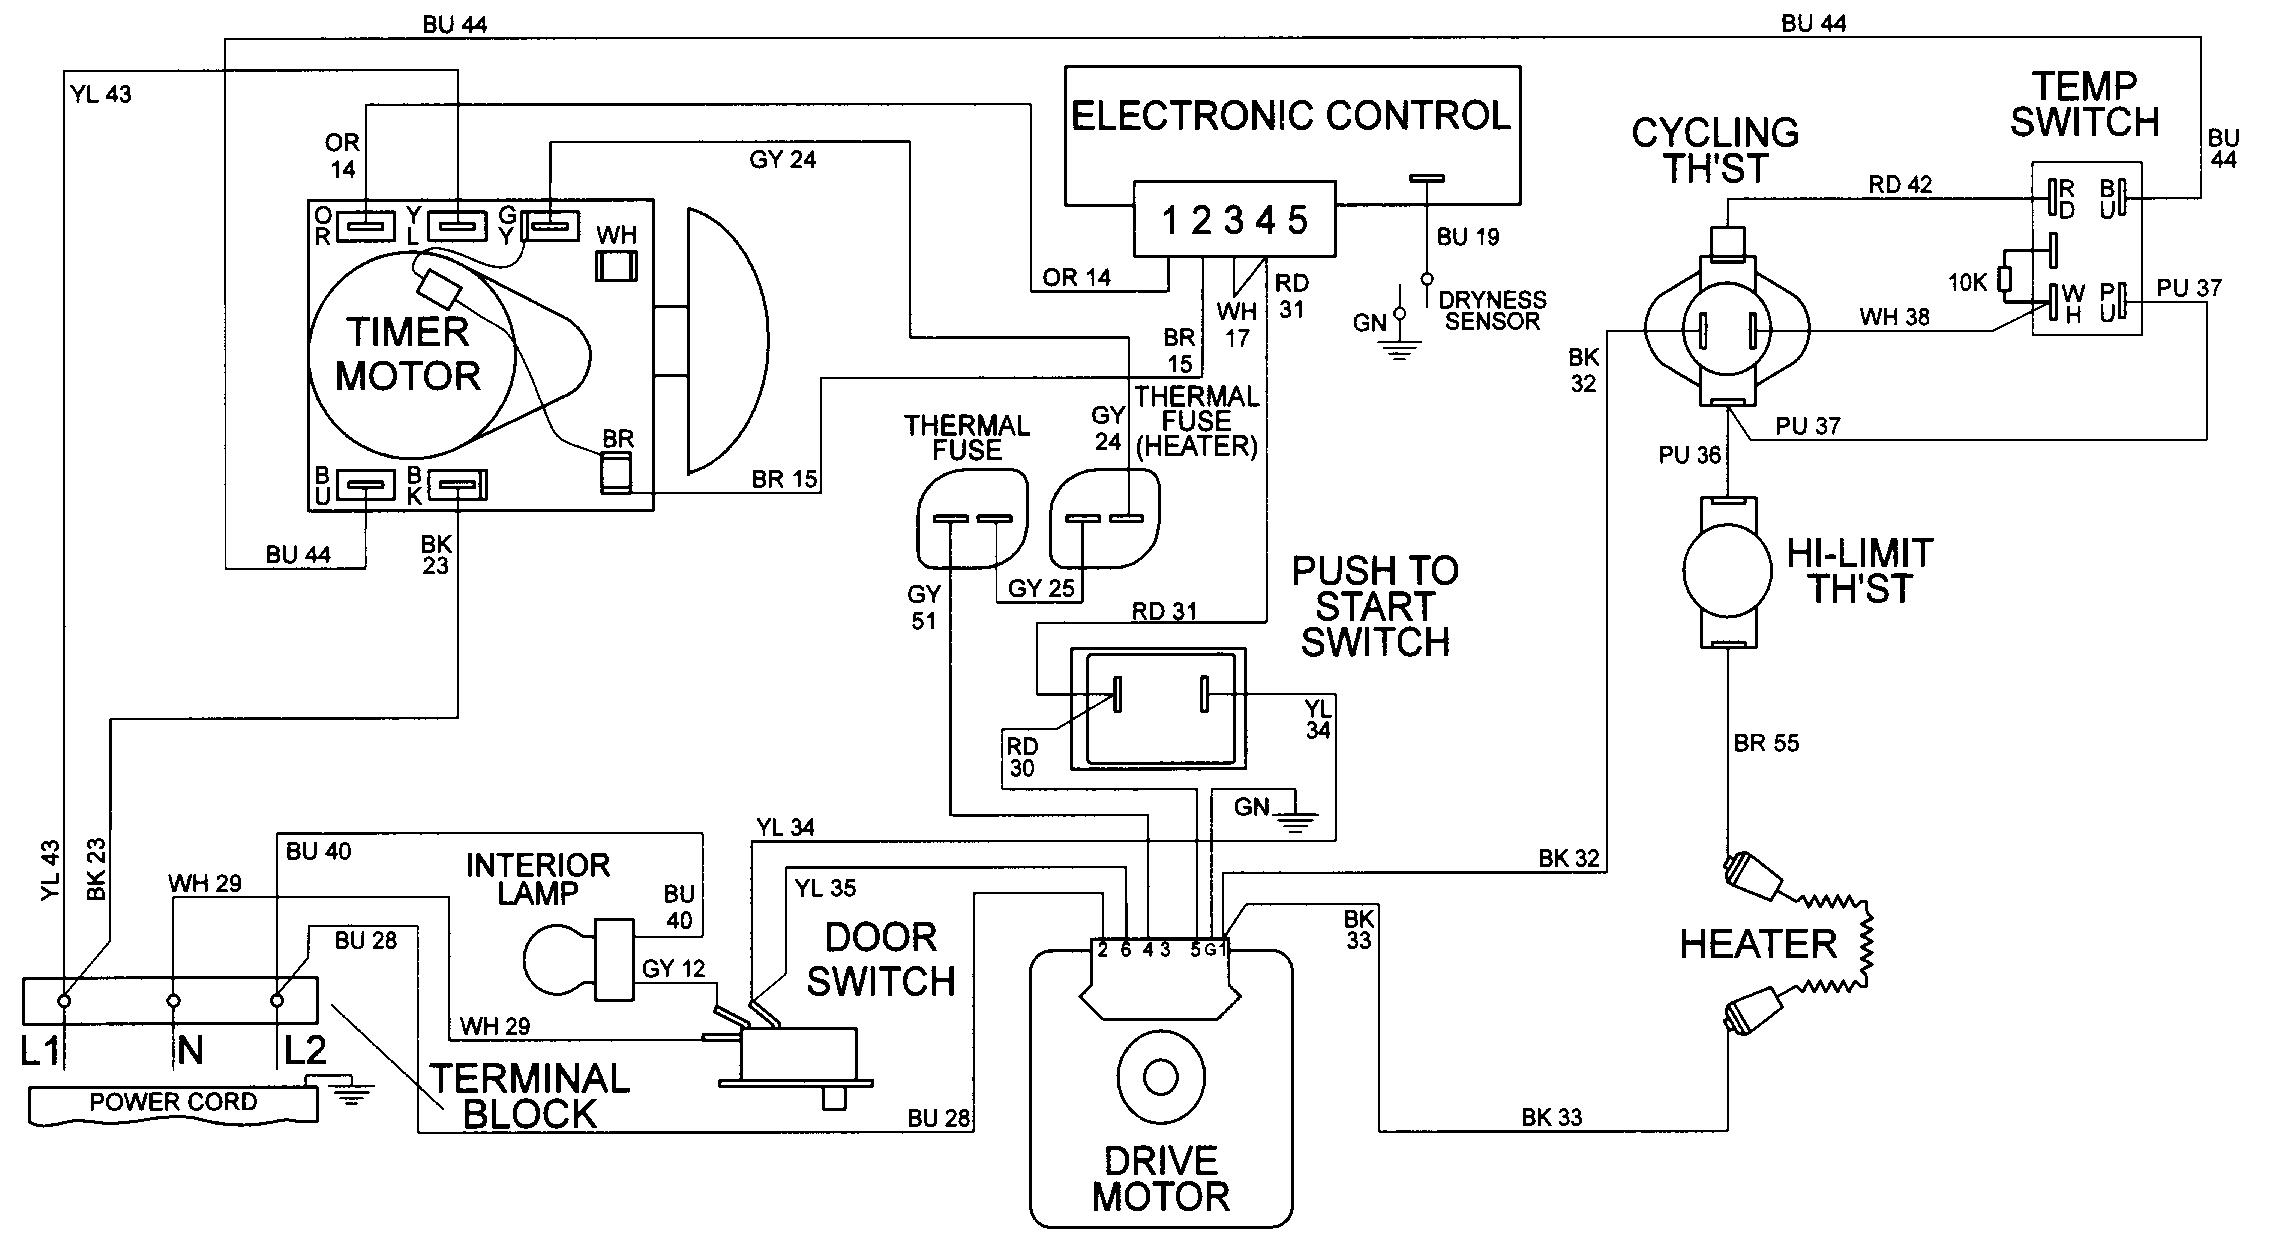 medium resolution of maytag mde9606azw wiring information diagram